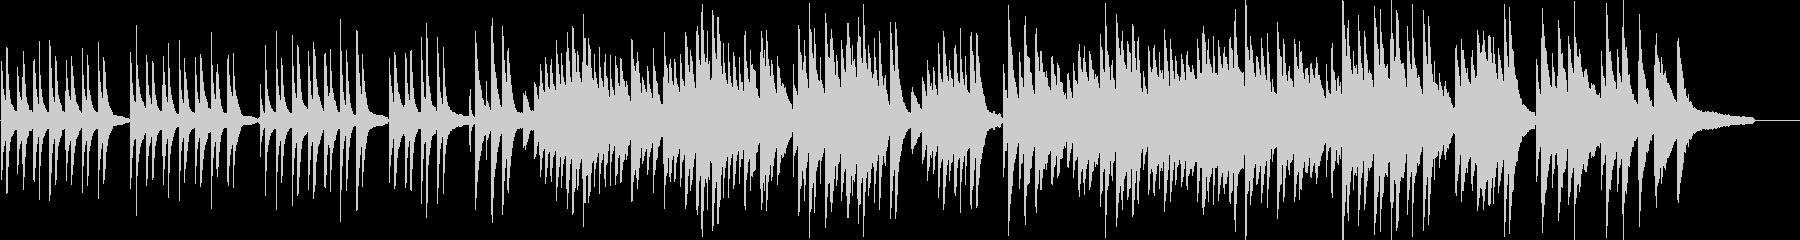 仰げば尊しピアノソロバージョンの未再生の波形